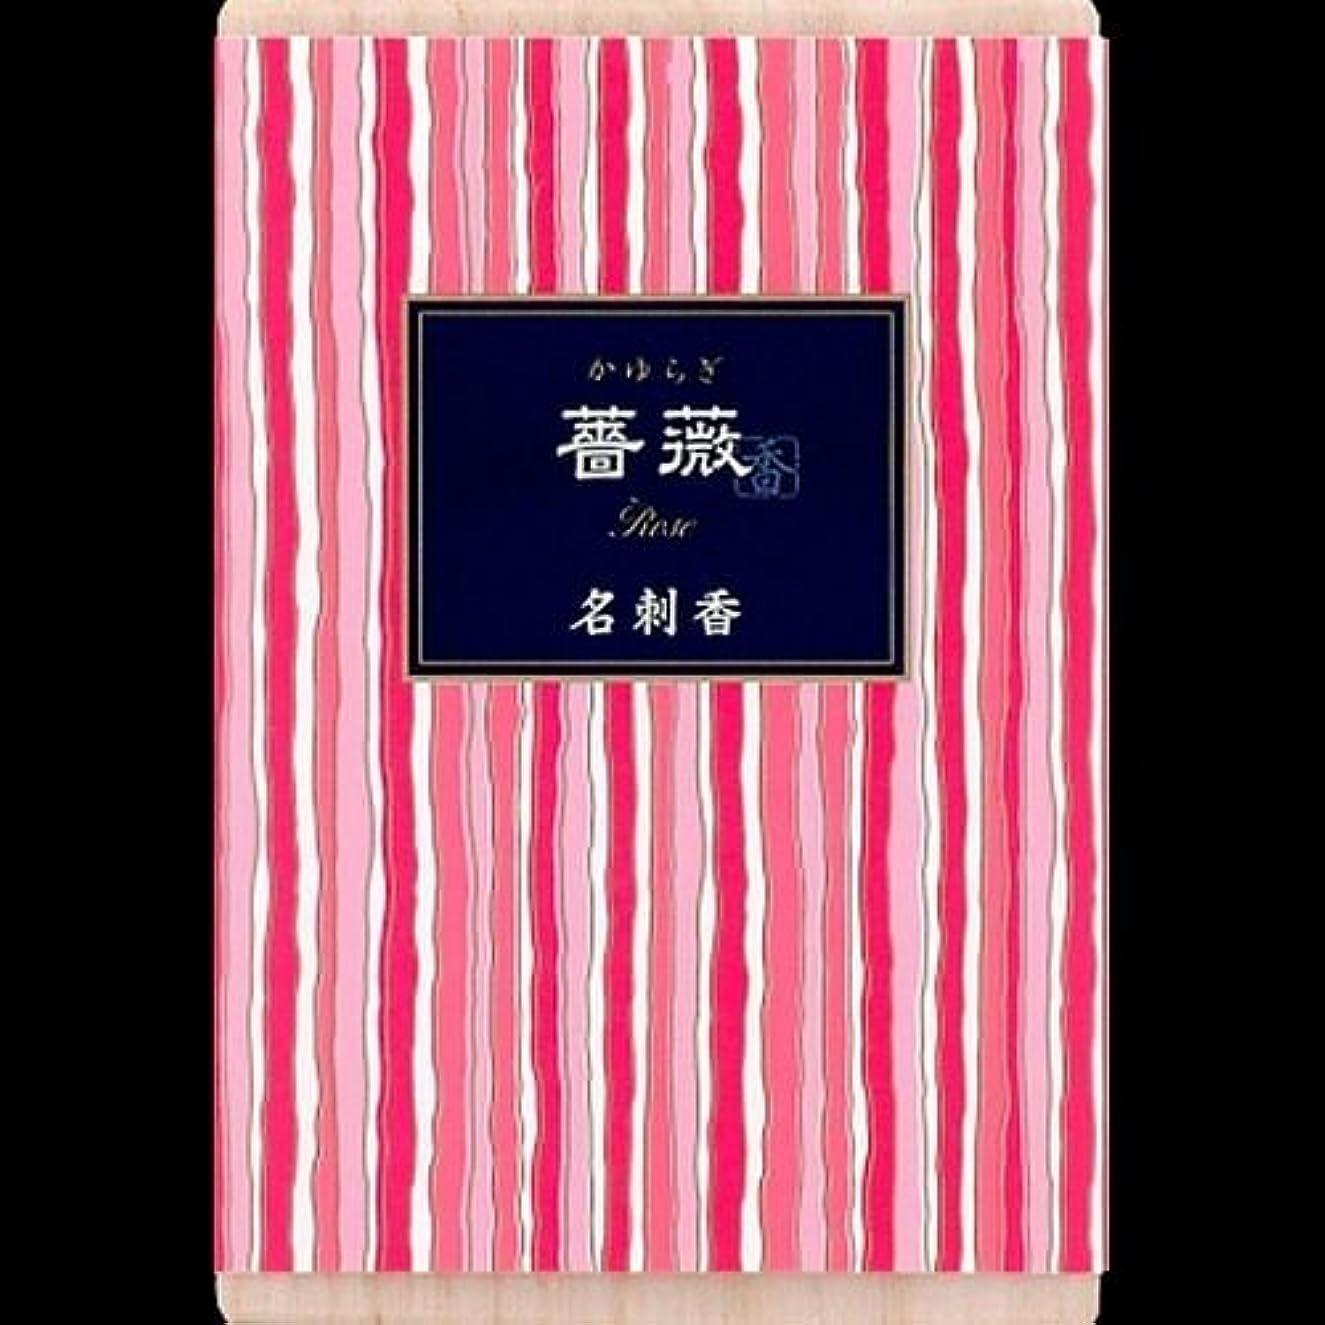 貧困ストリーム先駆者【まとめ買い】かゆらぎ 薔薇 名刺香 桐箱 6入 ×2セット